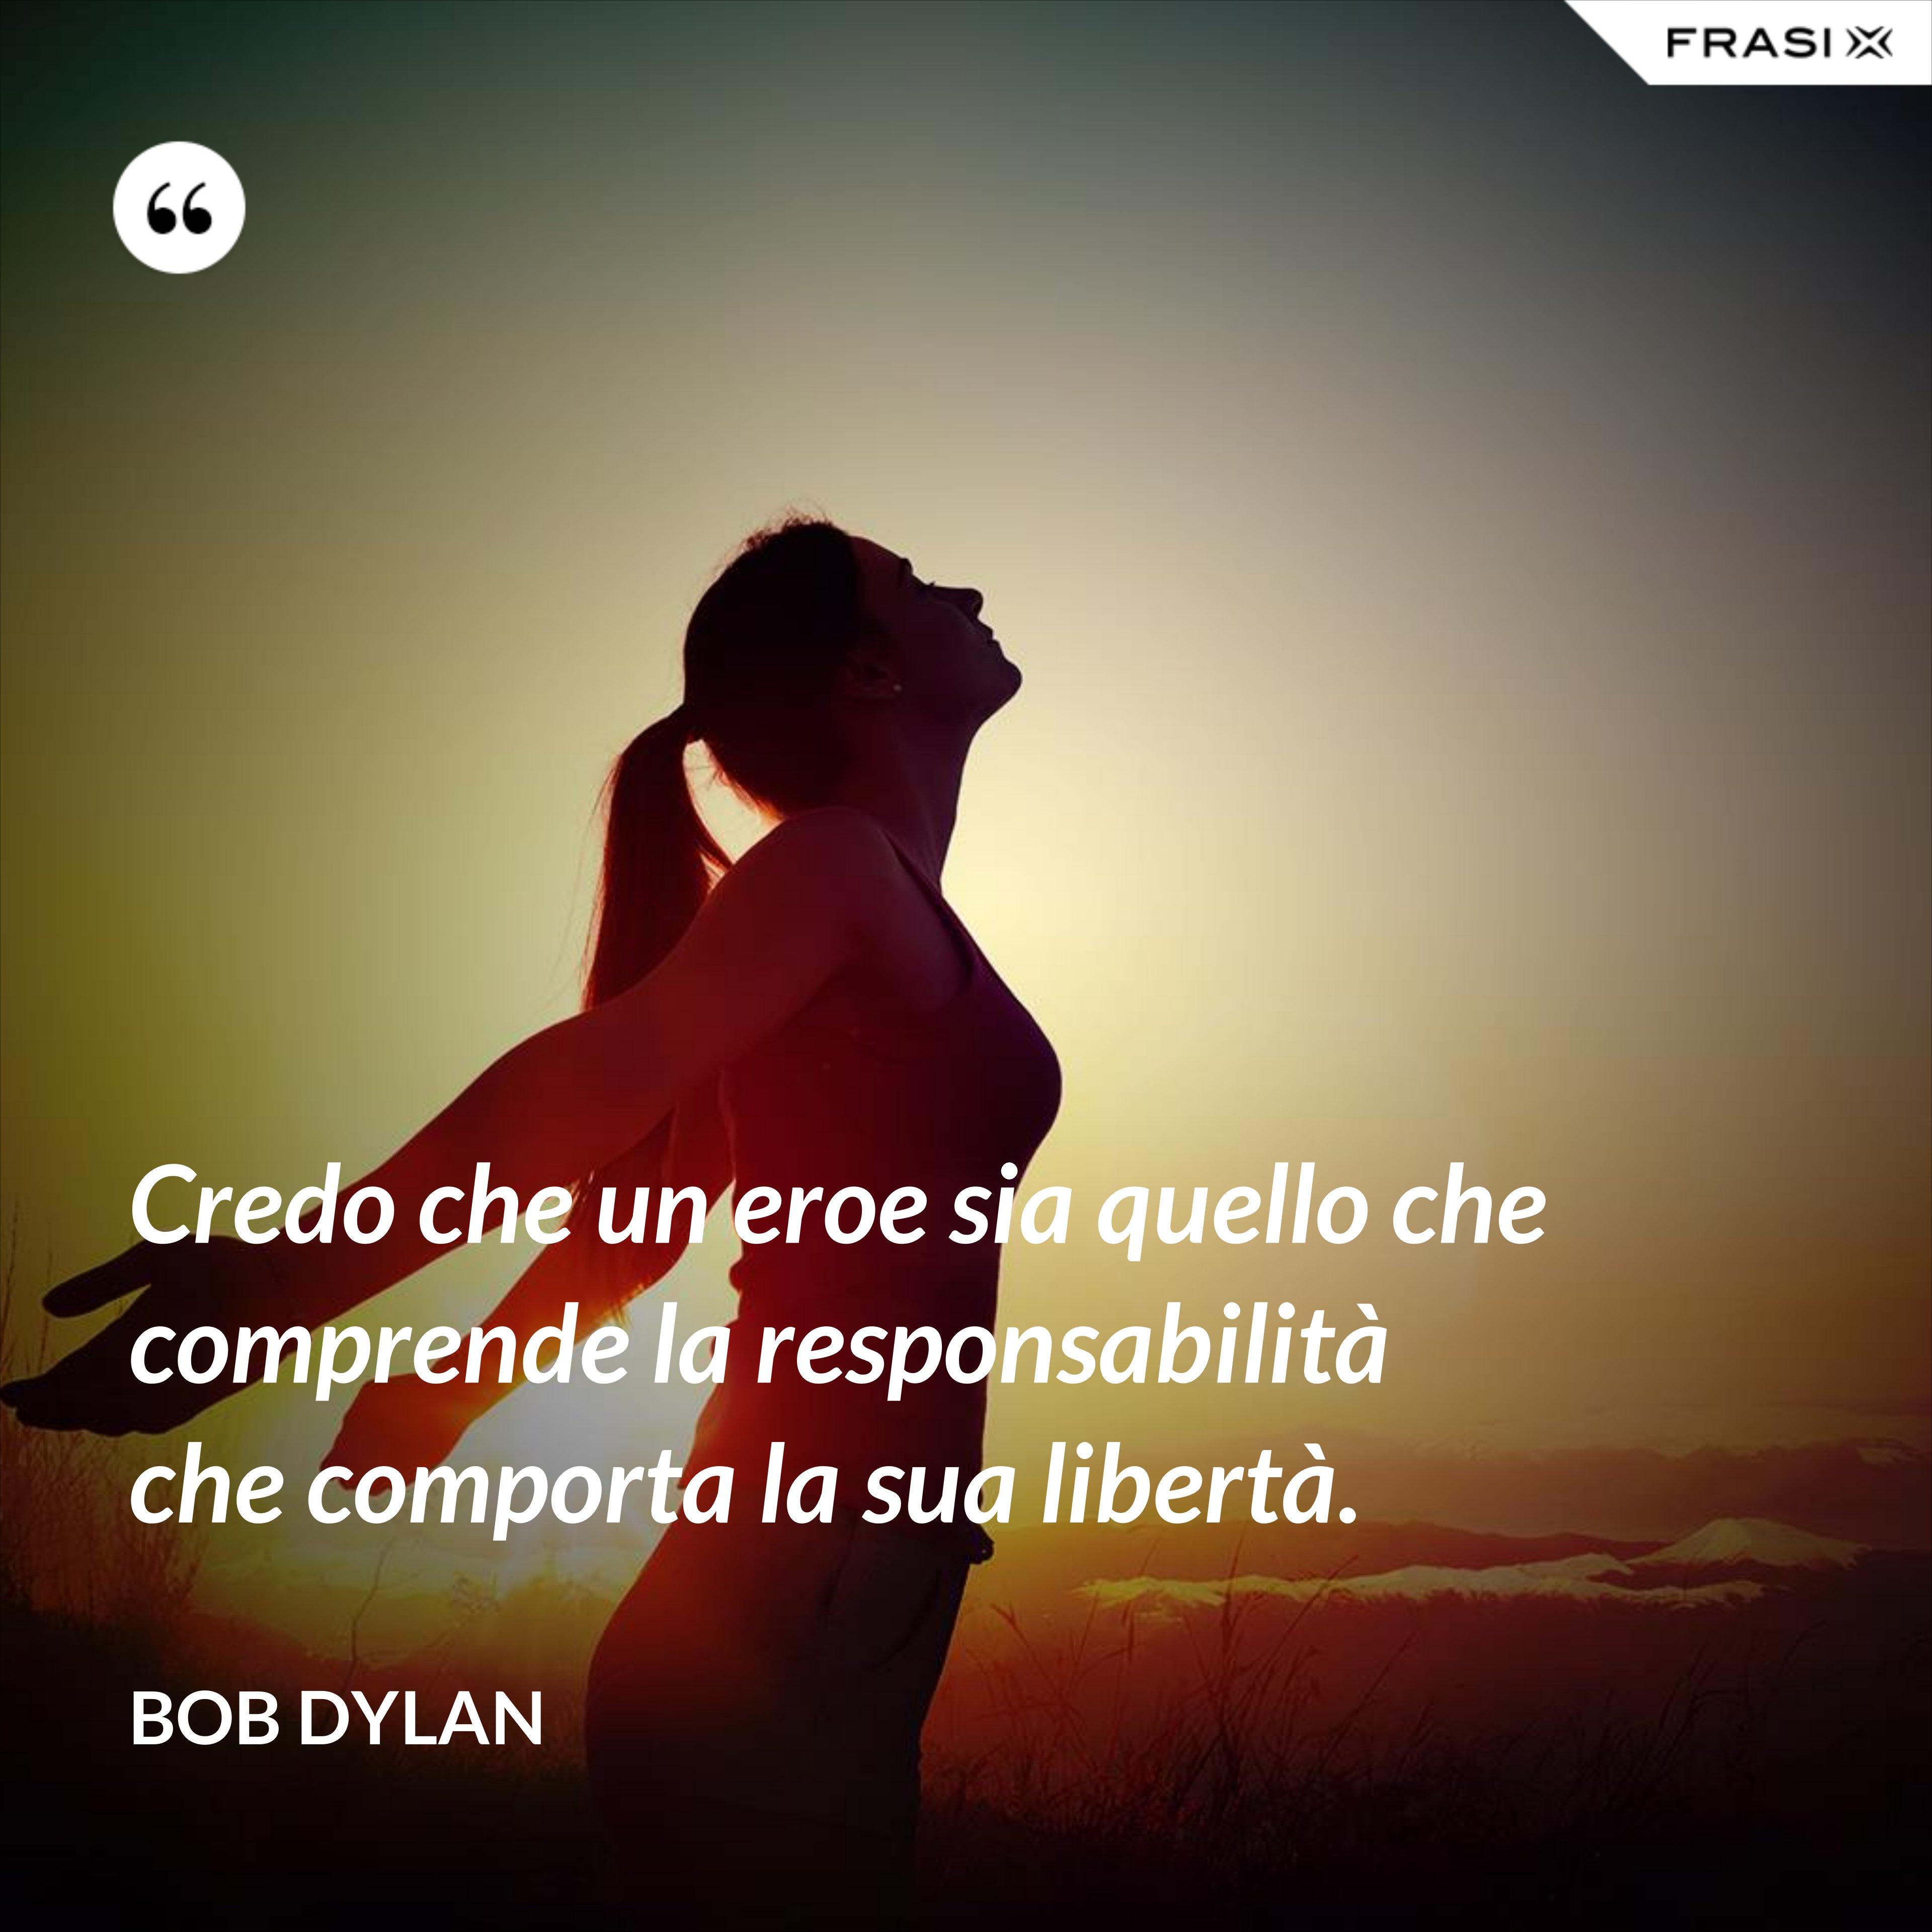 Credo che un eroe sia quello che comprende la responsabilità che comporta la sua libertà. - Bob Dylan